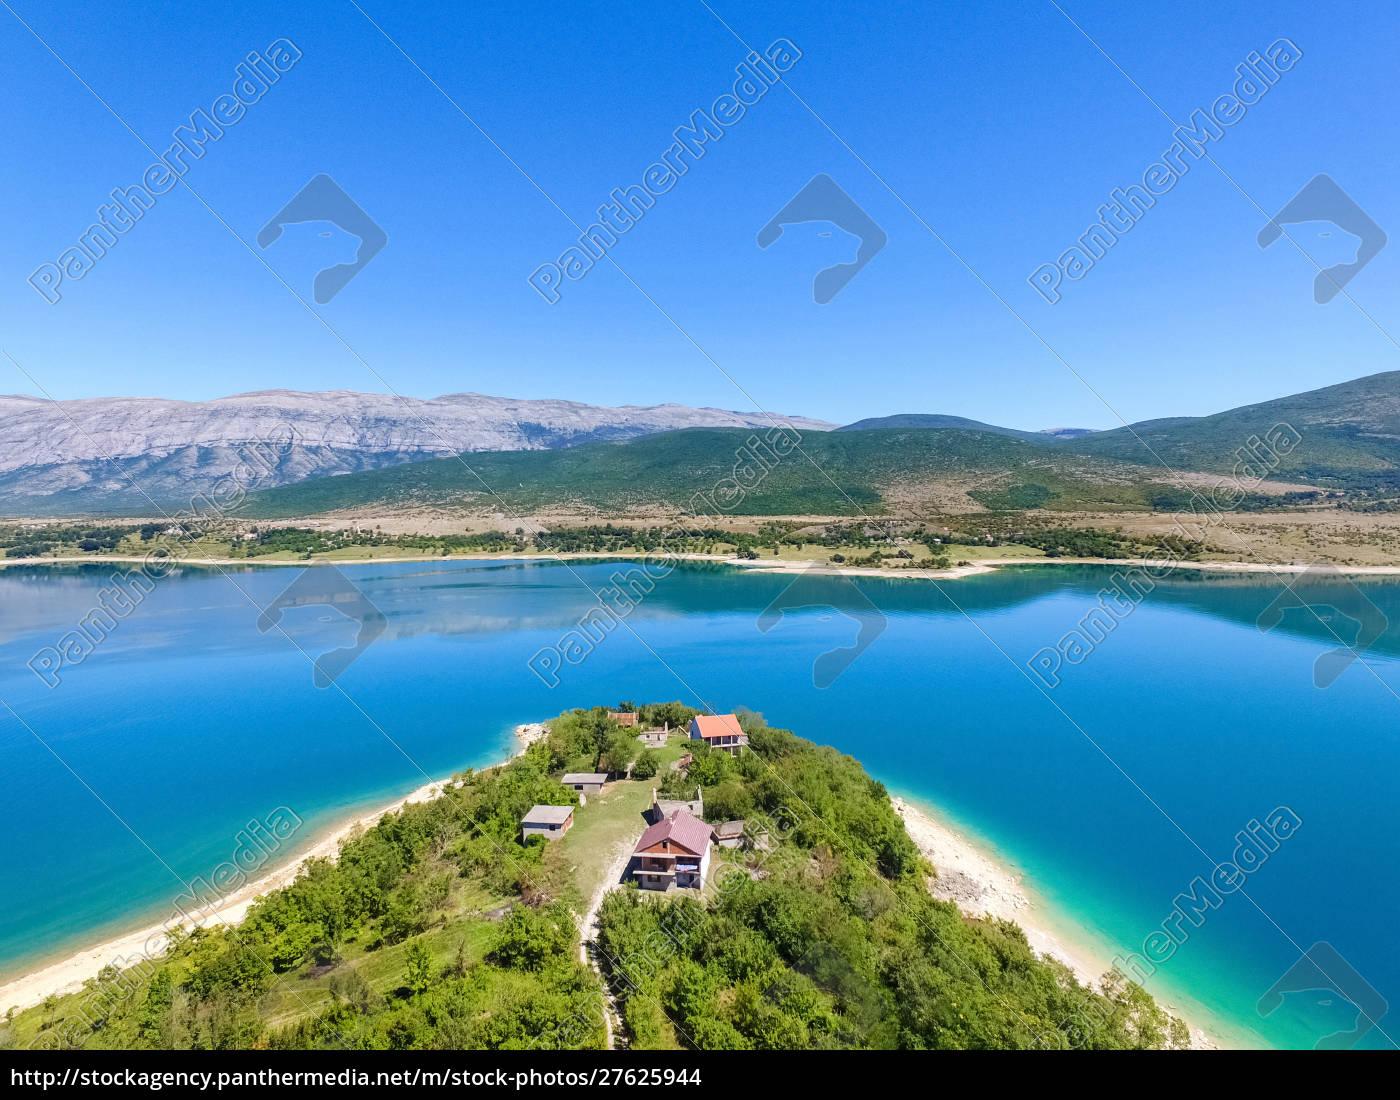 widok, z, lotu, ptaka, na, jezioro - 27625944